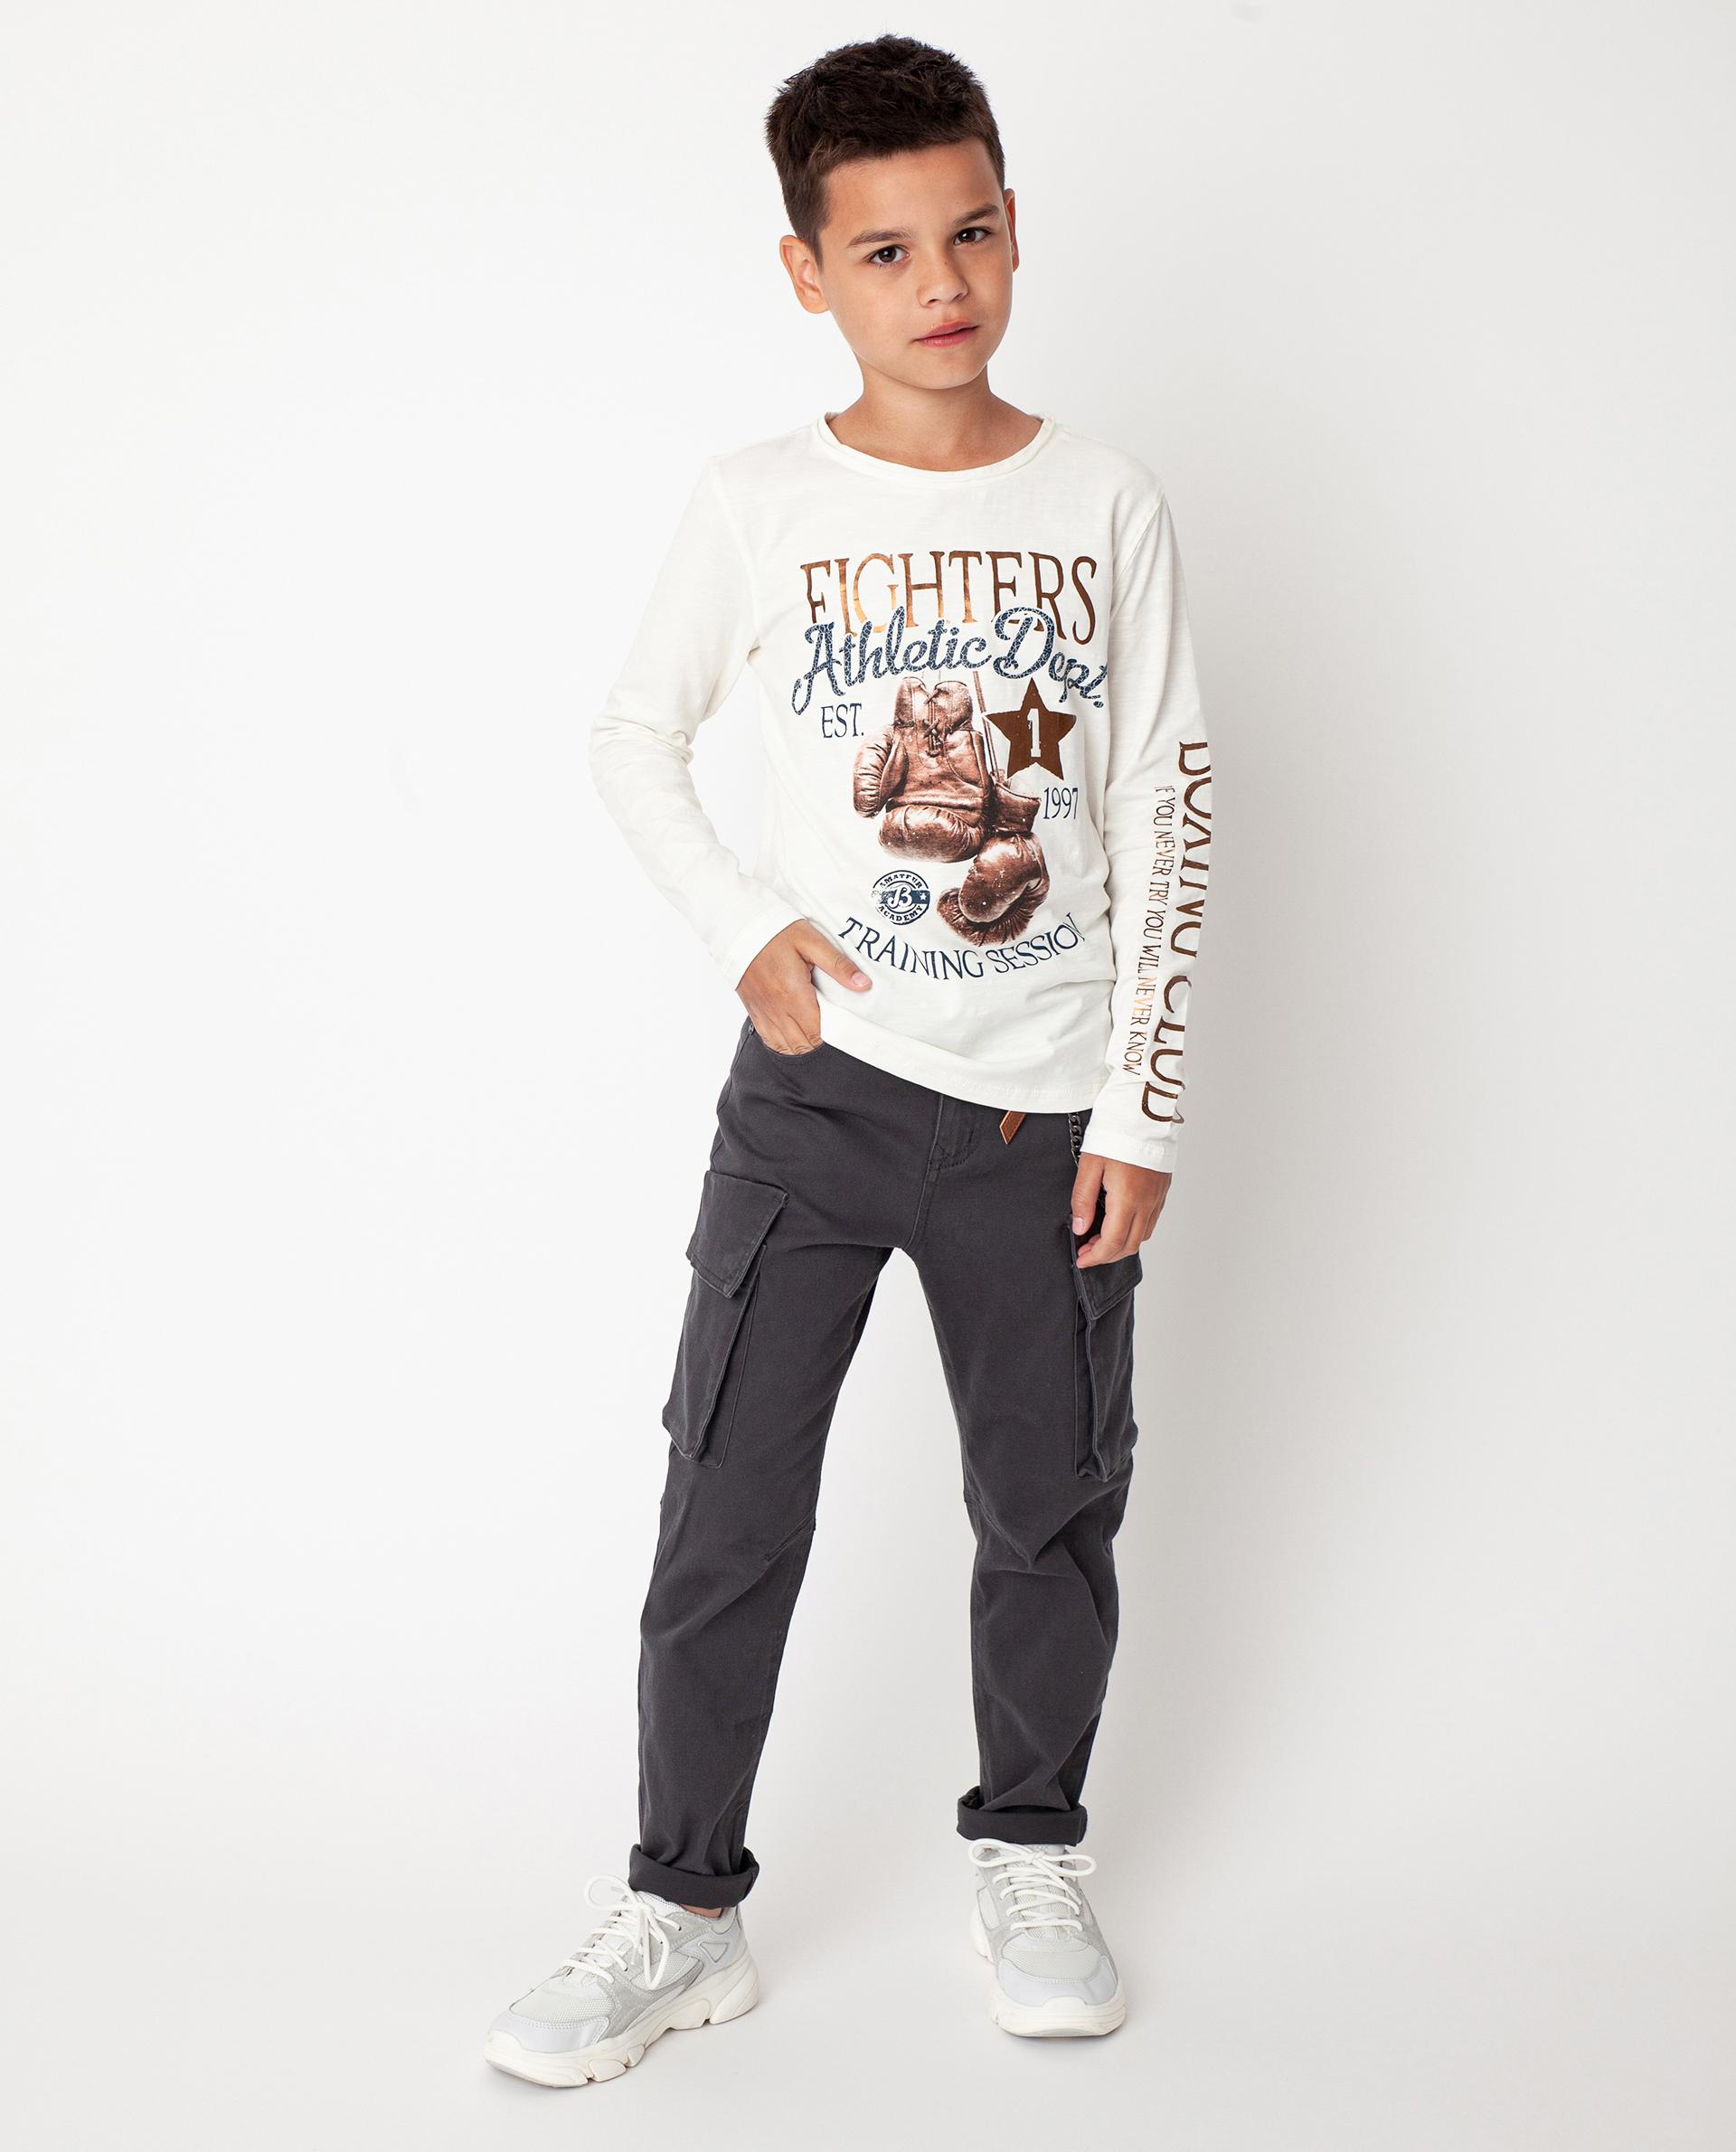 Купить 22010BJC6301, Серые брюки Gulliver, серый, 158, Твил, Мужской, Демисезон, ОСЕНЬ/ЗИМА 2020-2021 (shop: GulliverMarket Gulliver Market)